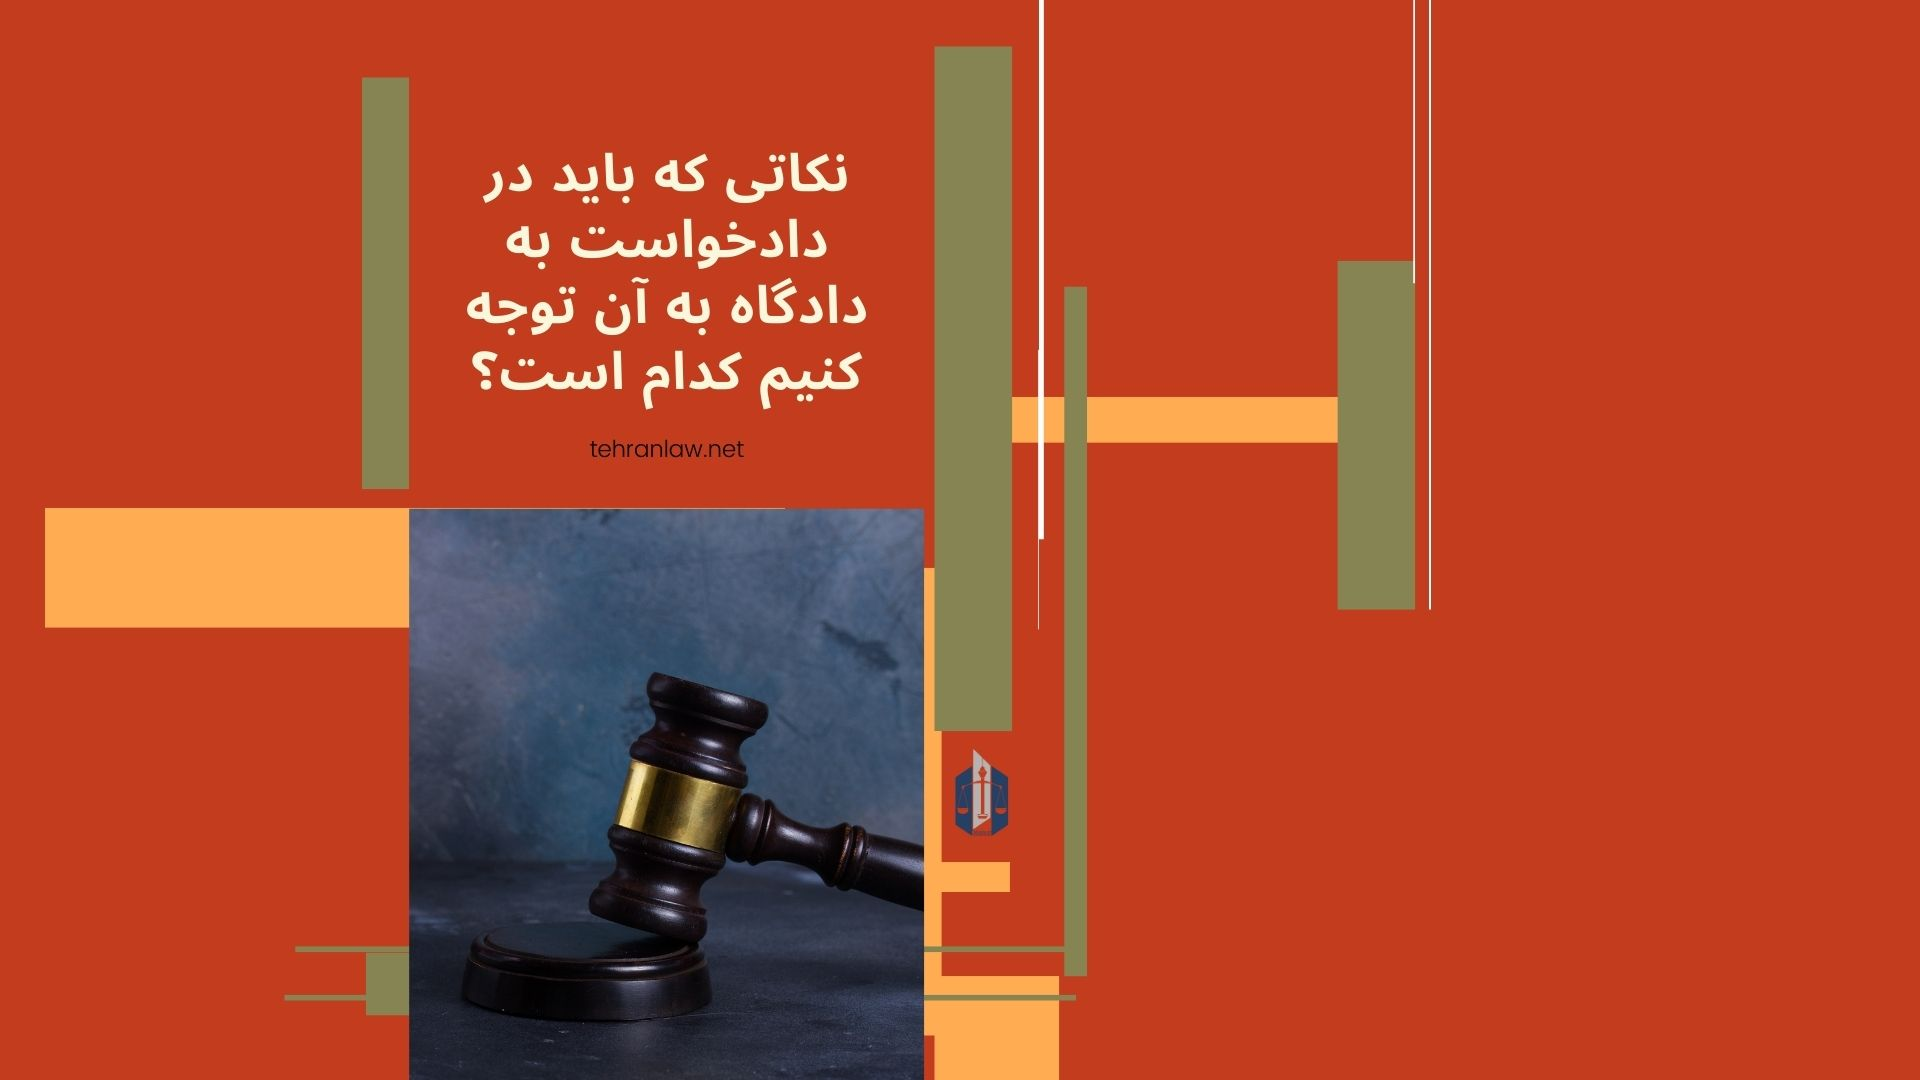 نکاتی که باید در دادخواست به دادگاه به آن توجه کنیم کدام است؟